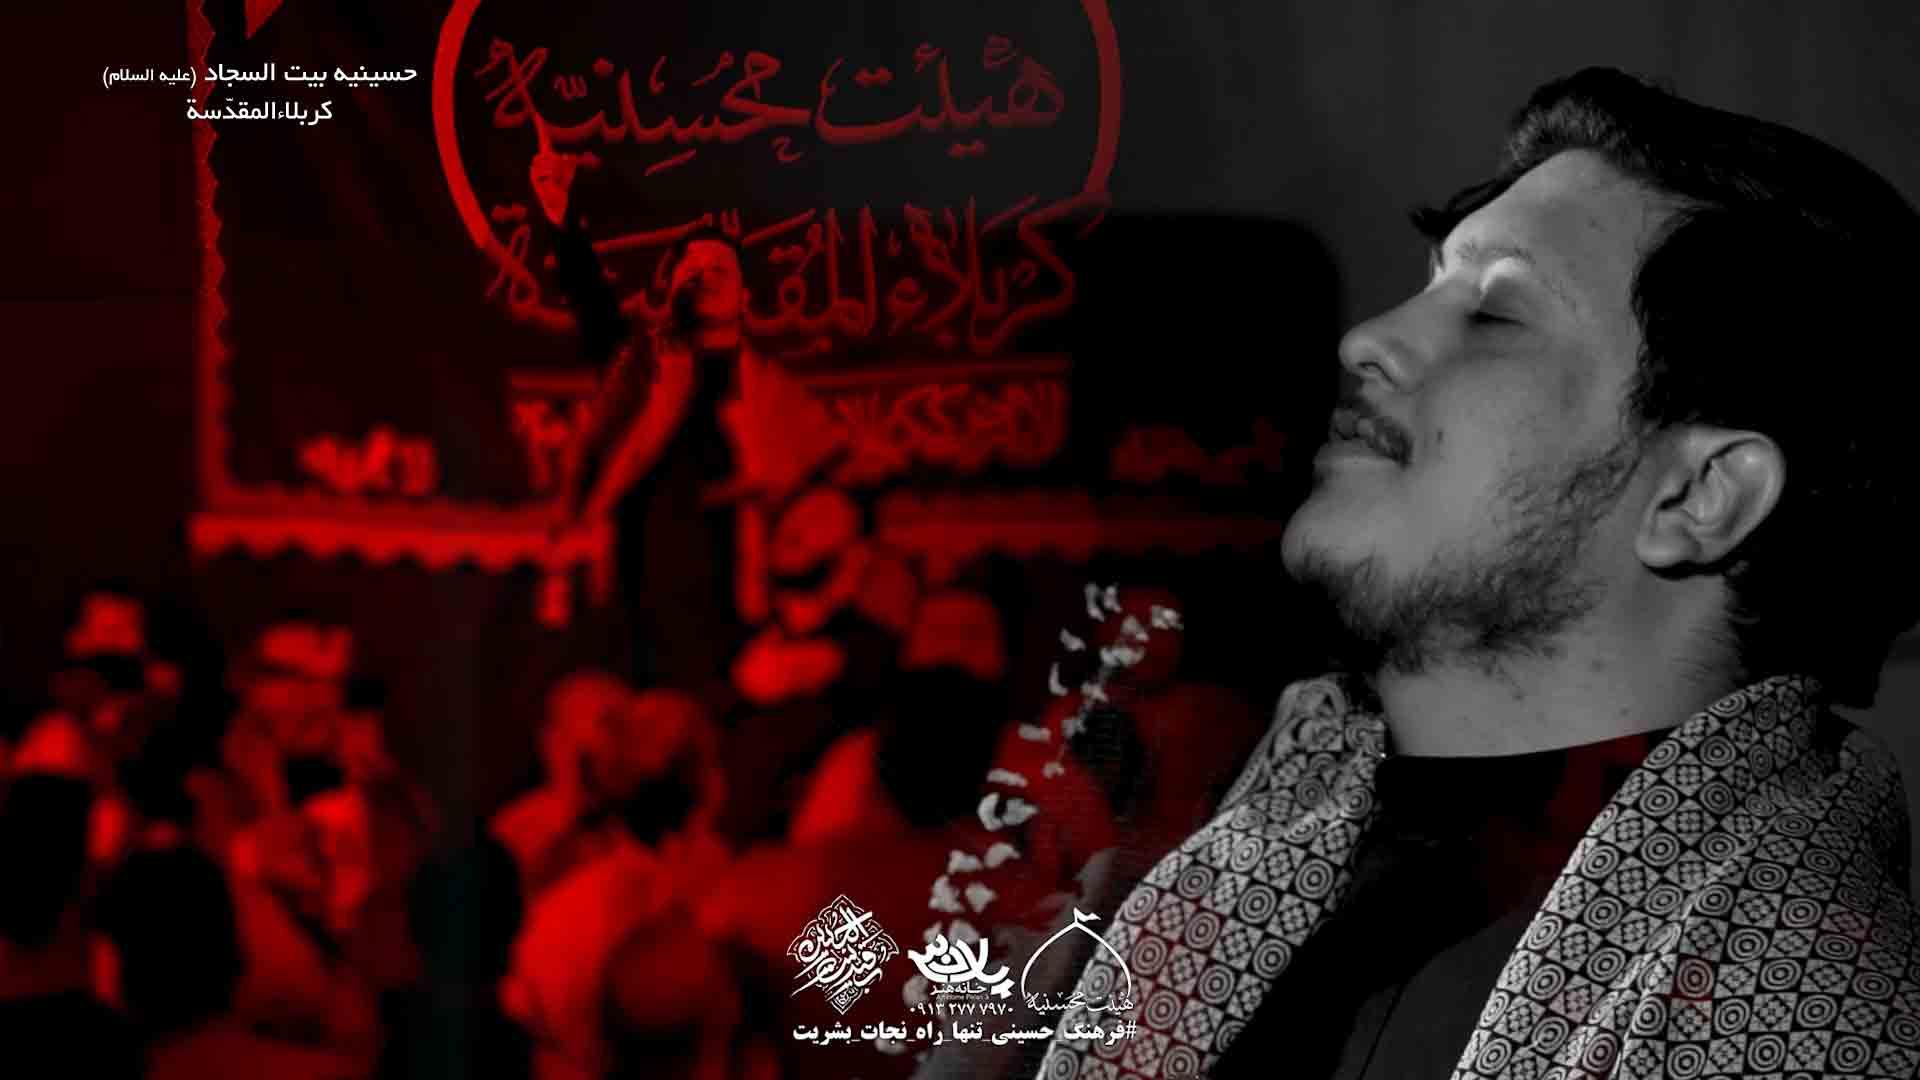 لشکر پیاده ها محمد رضا ناصری